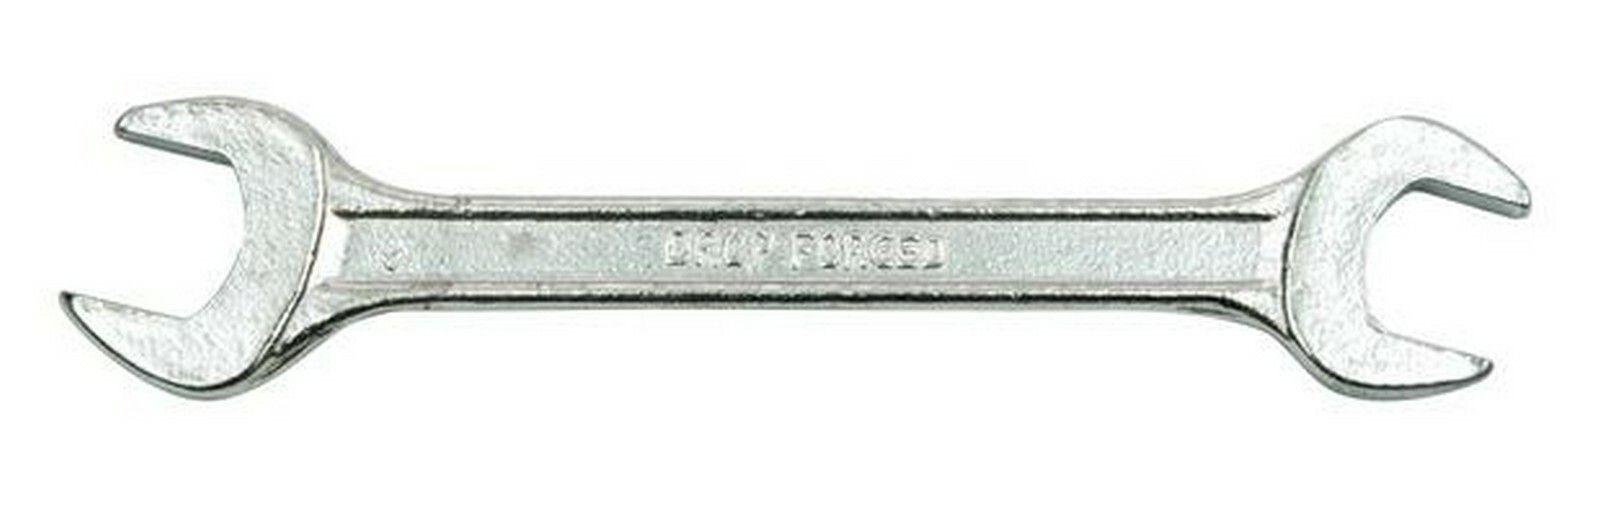 Klíč plochý 10 x 11 mm TOYA